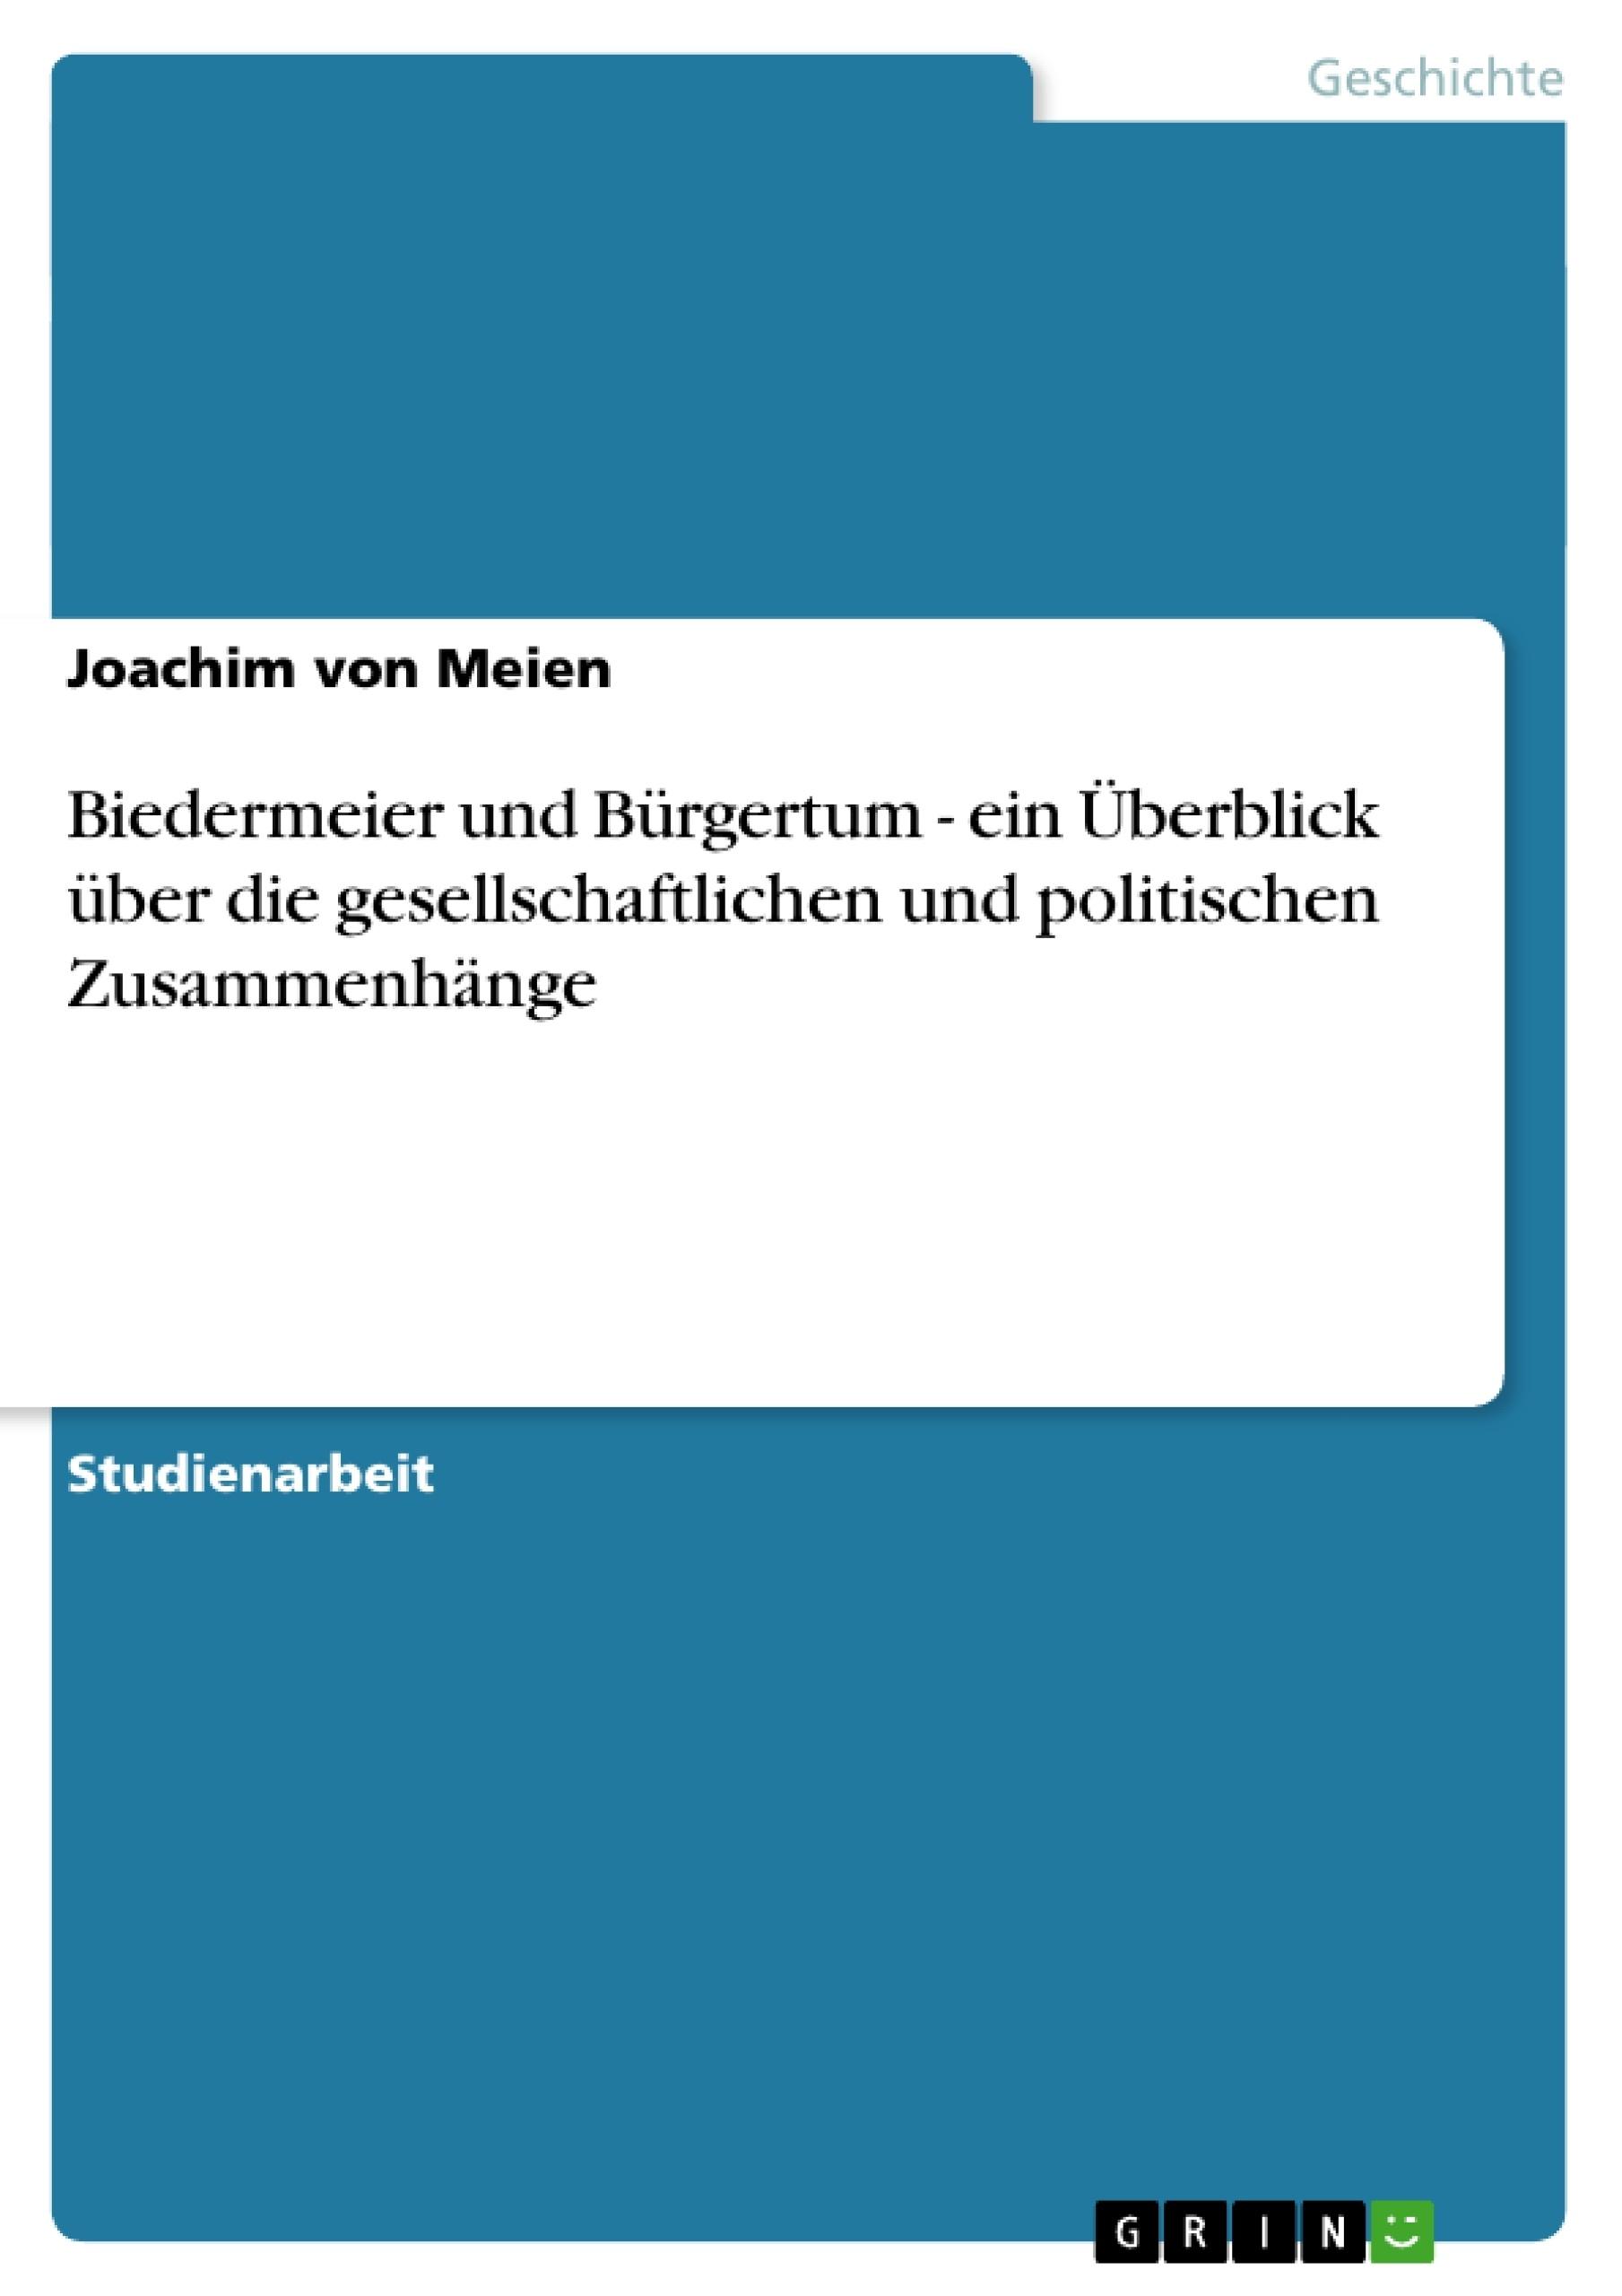 Titel: Biedermeier und Bürgertum - ein Überblick über die gesellschaftlichen und politischen Zusammenhänge